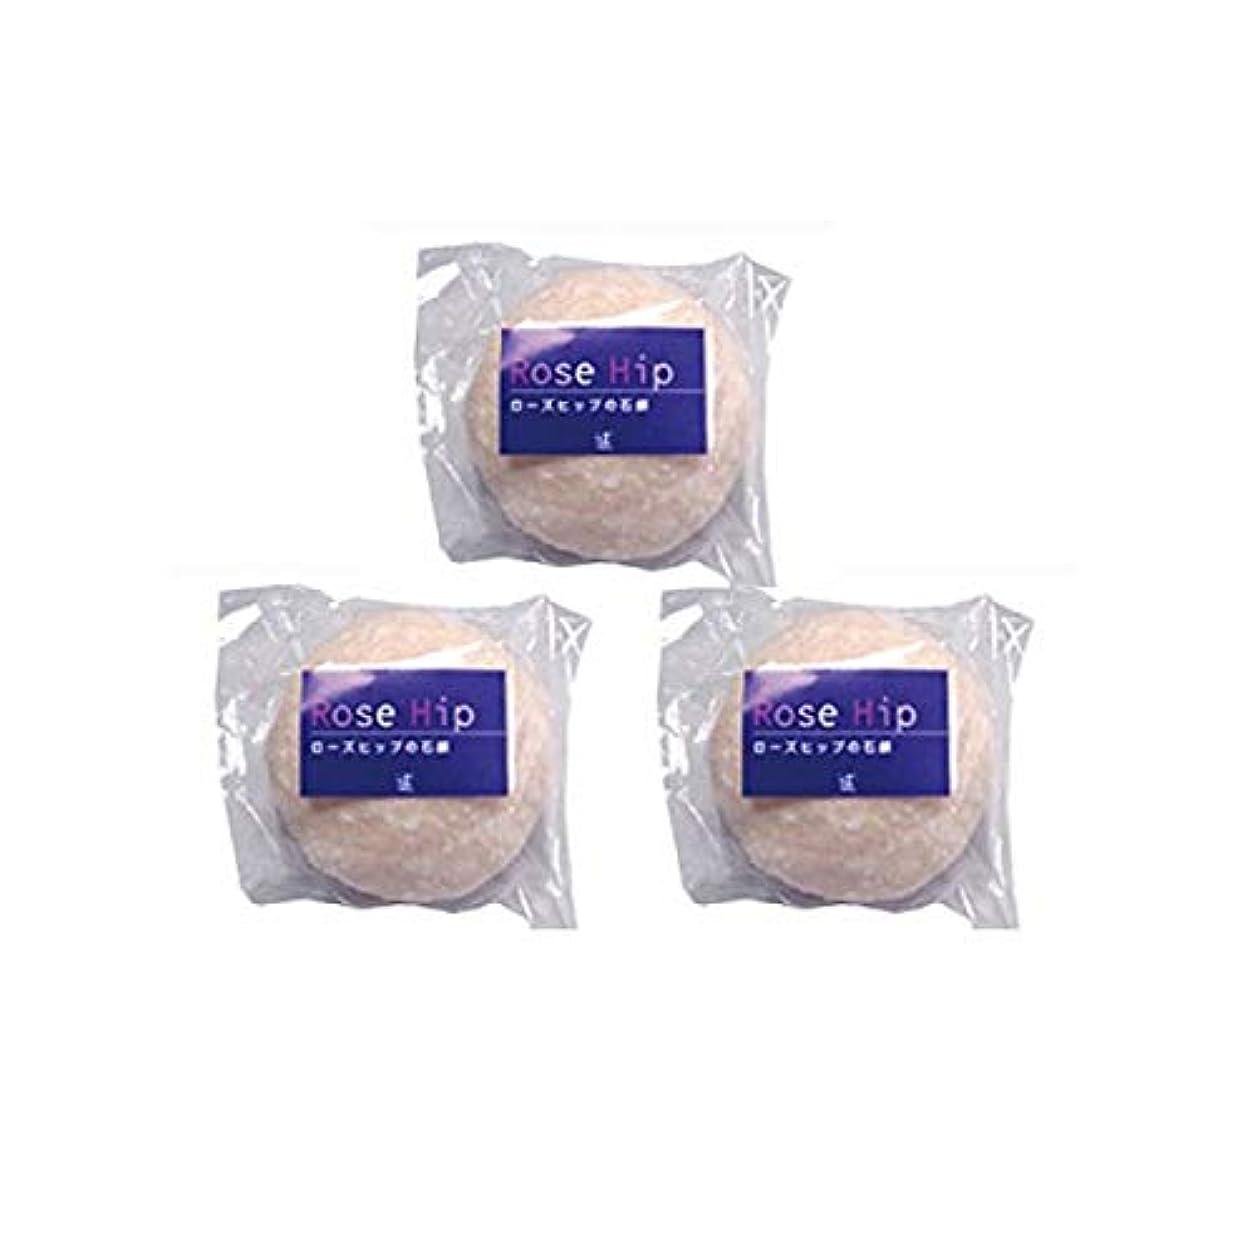 化学者揮発性成熟した山澤清ローズヒップ石鹸3個セット(70g×3個)スパール山澤清のローズヒップ無添加洗顔石鹸